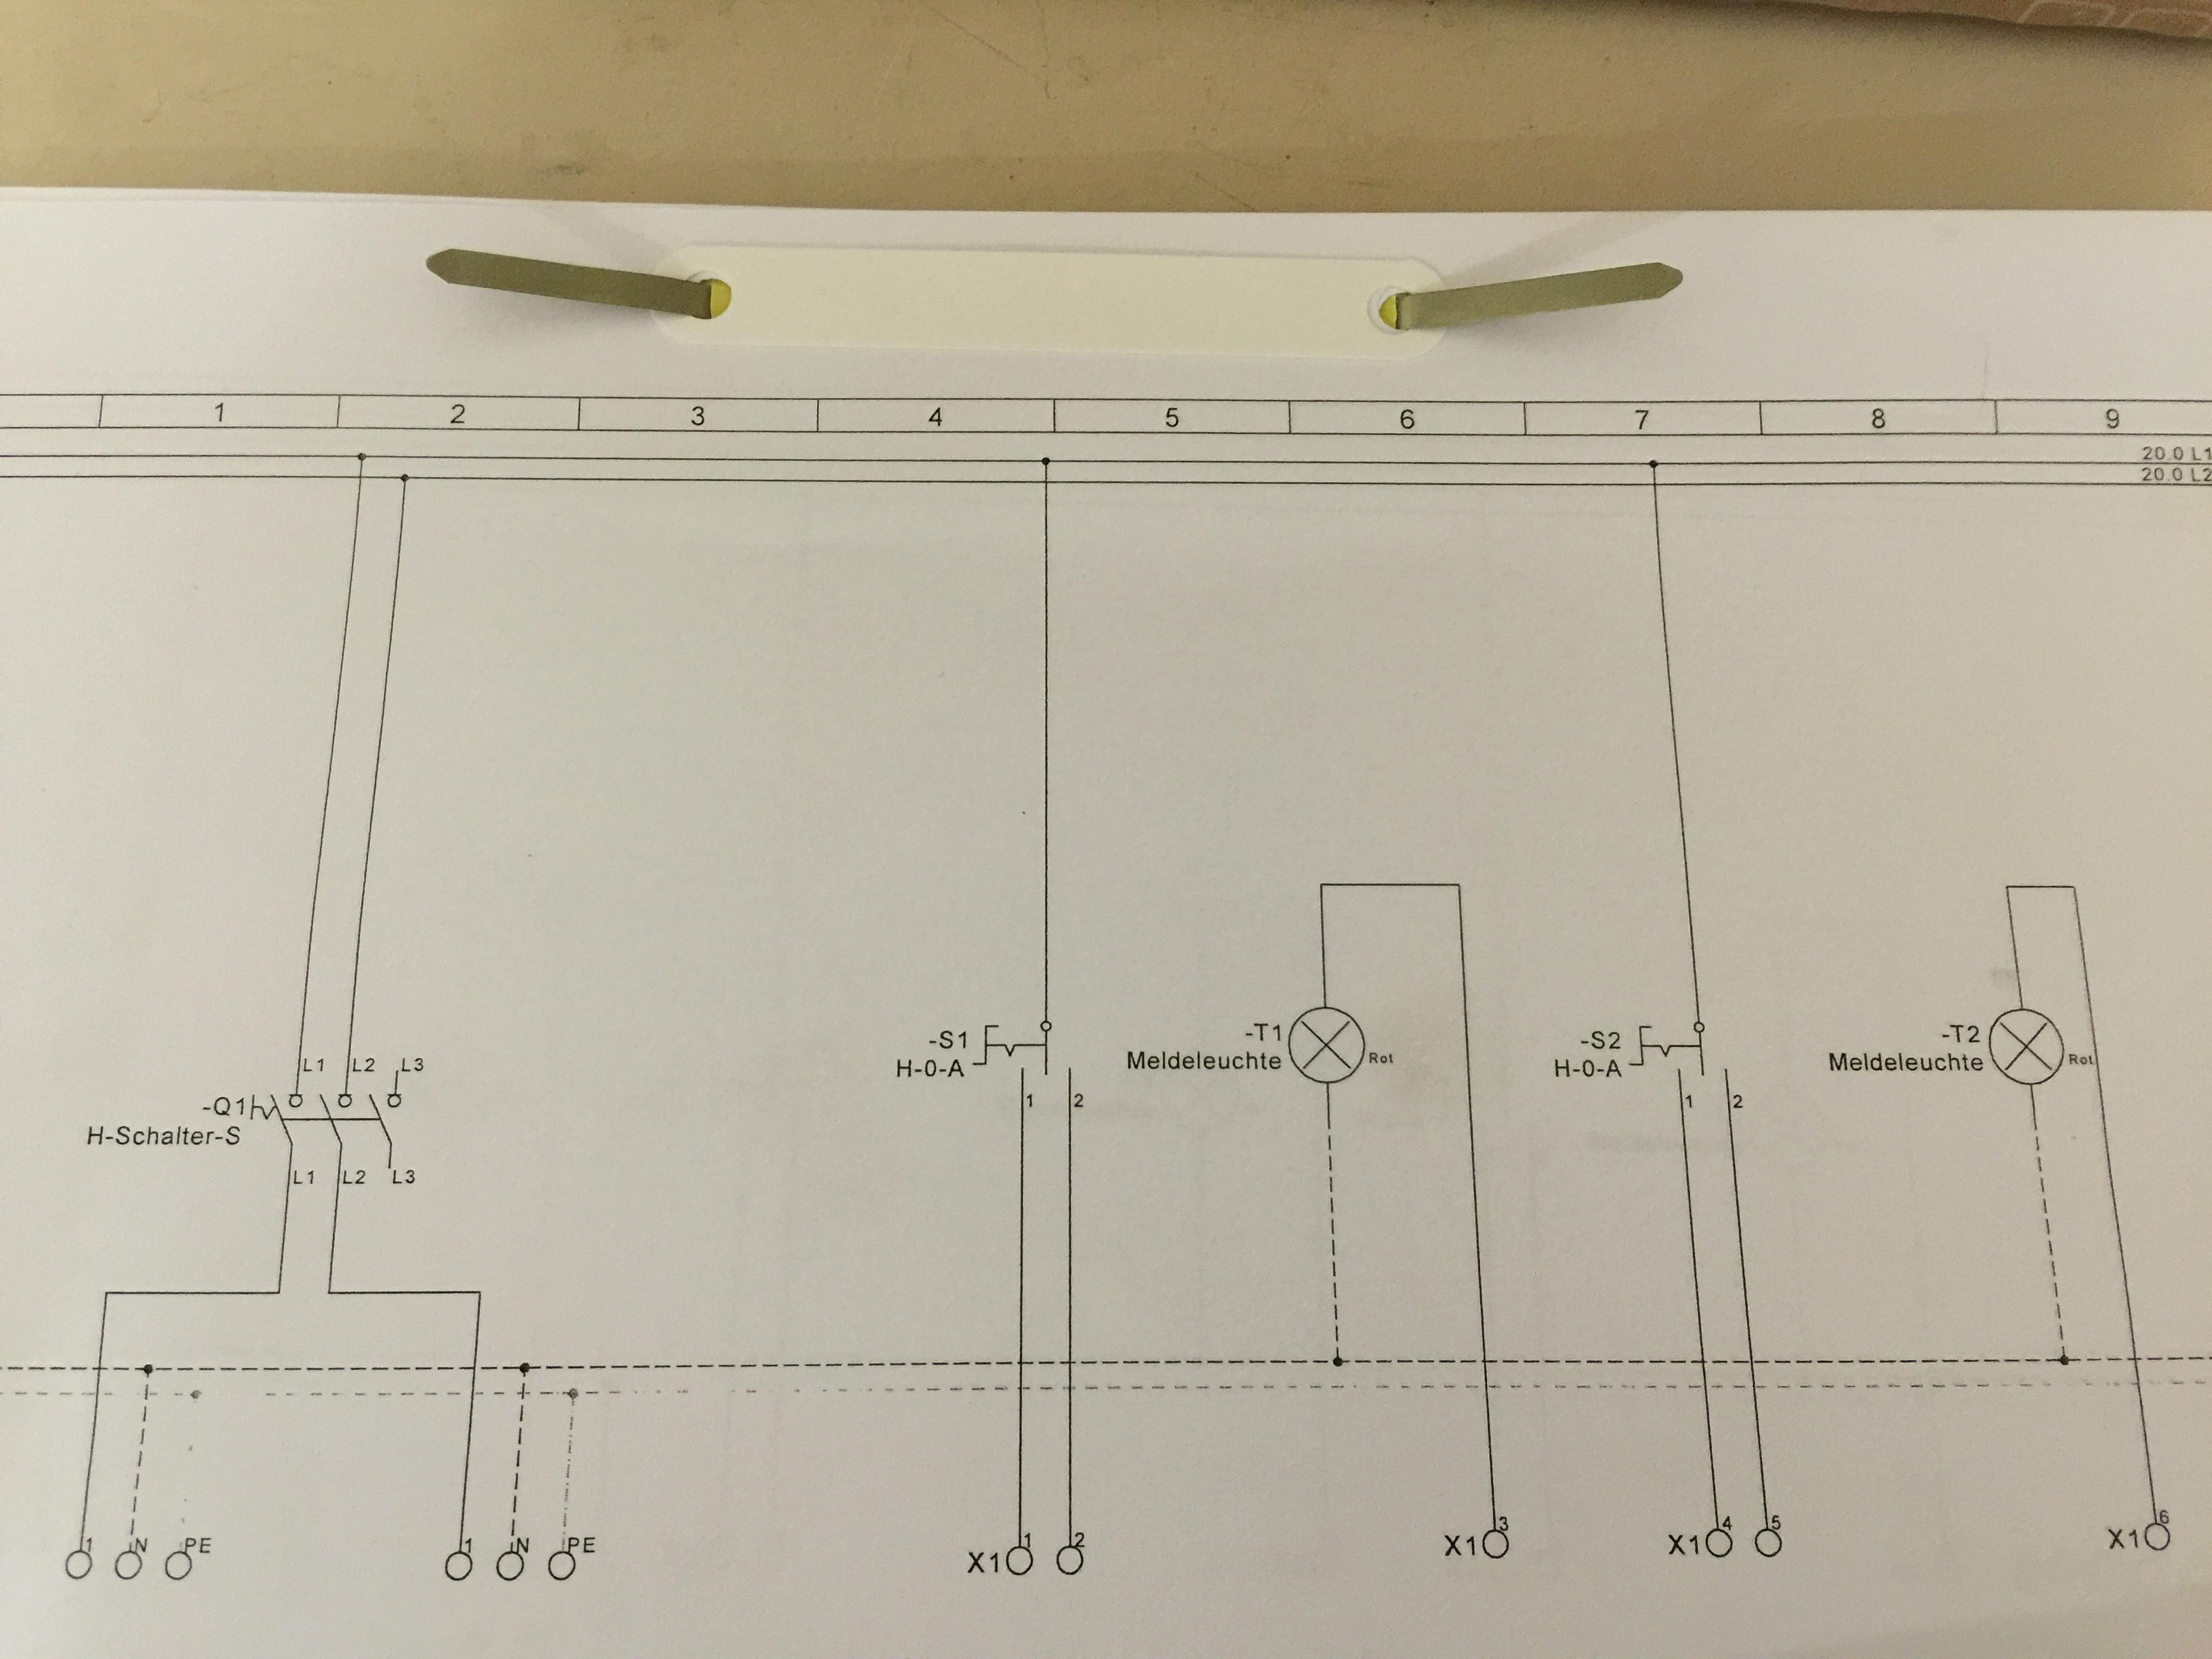 wie kann man diesen schaltplan nachbauen elektronik. Black Bedroom Furniture Sets. Home Design Ideas